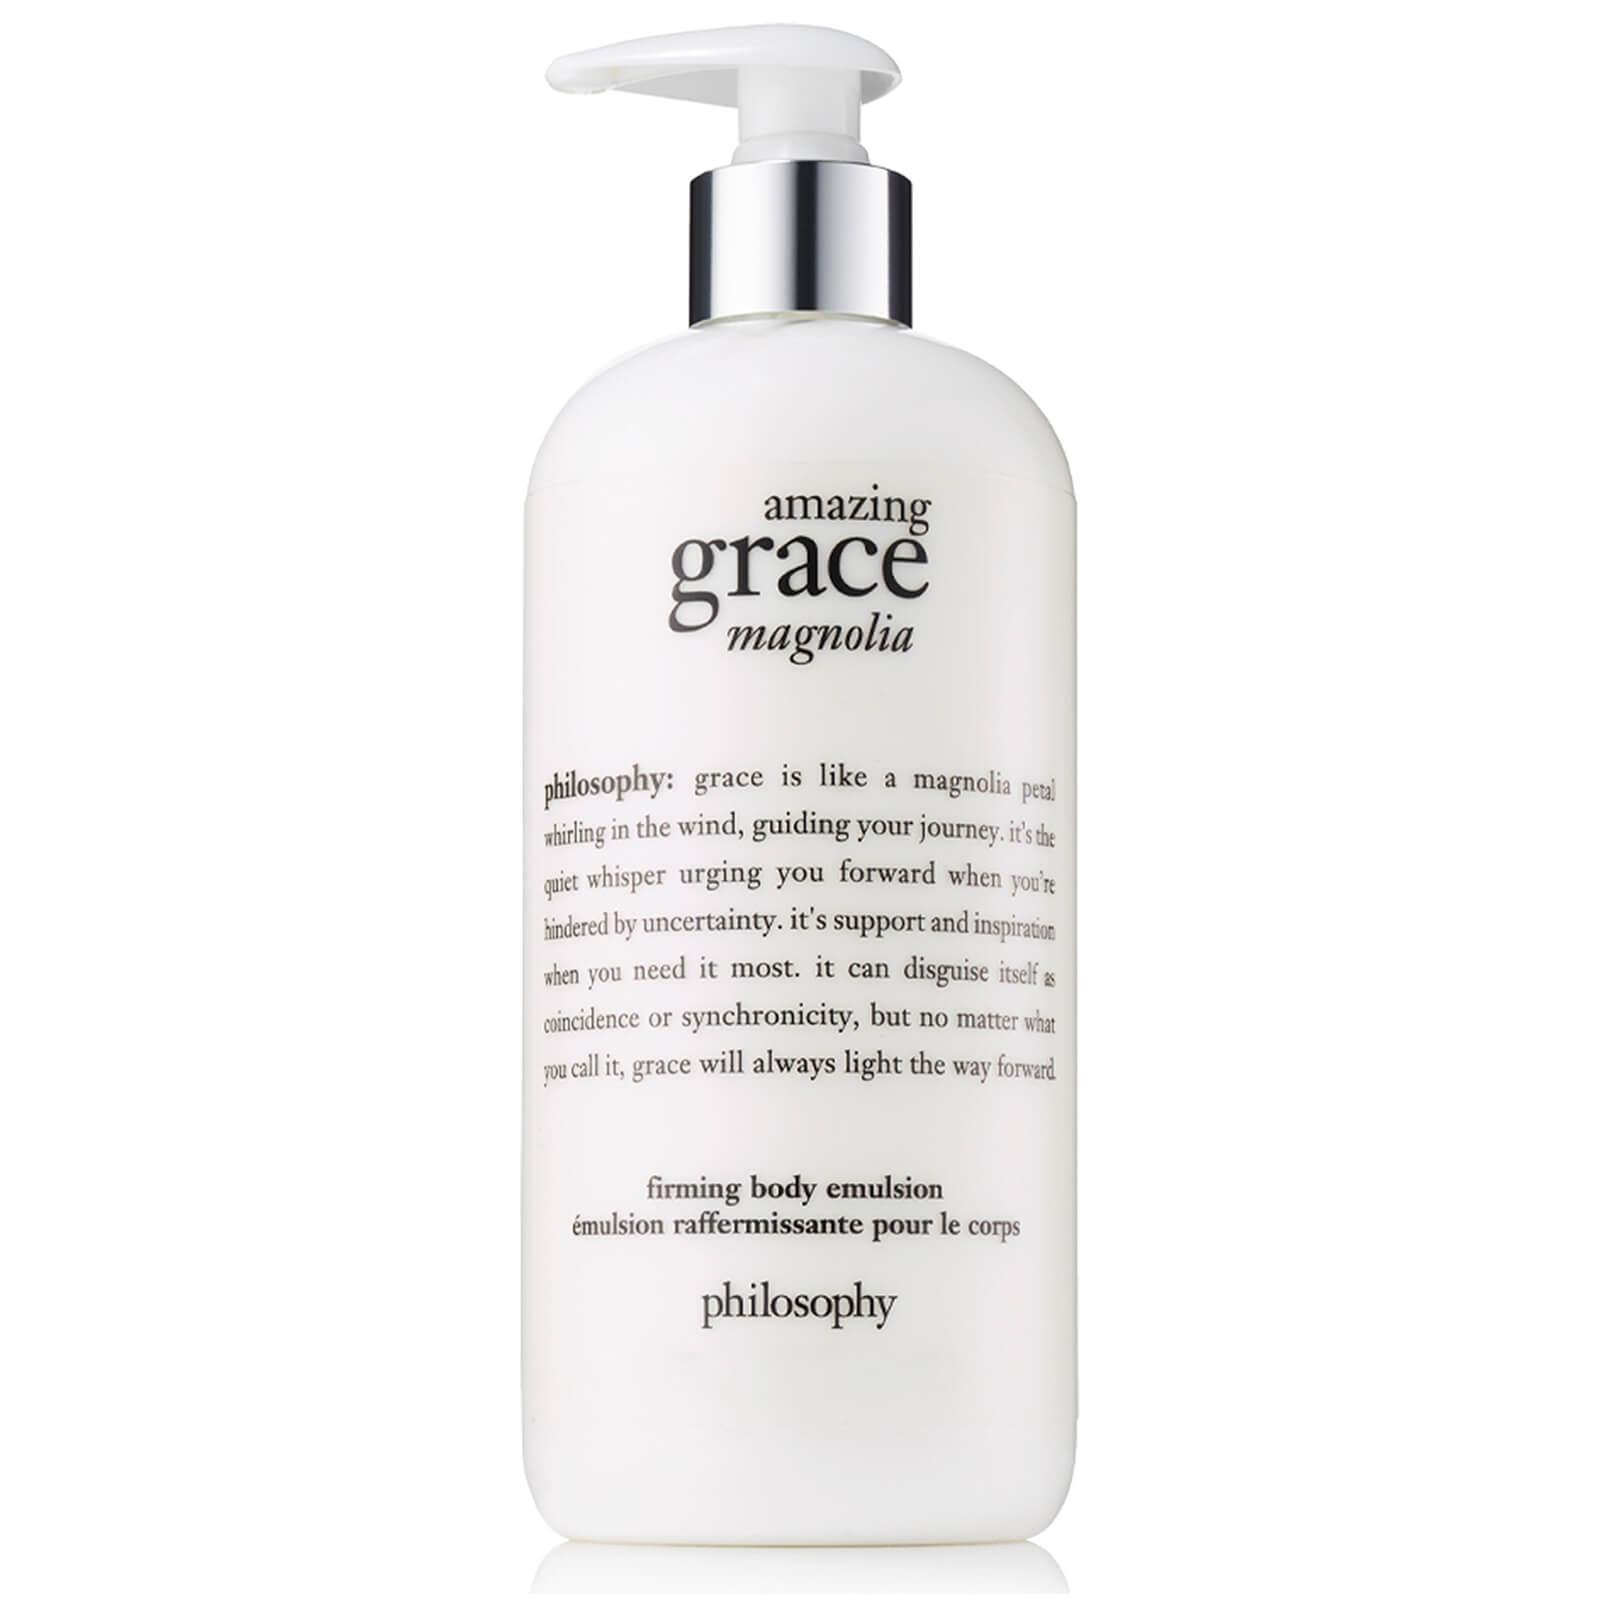 Купить Philosophy Amazing Grace Magnolia Firming Body Emulsion 480ml